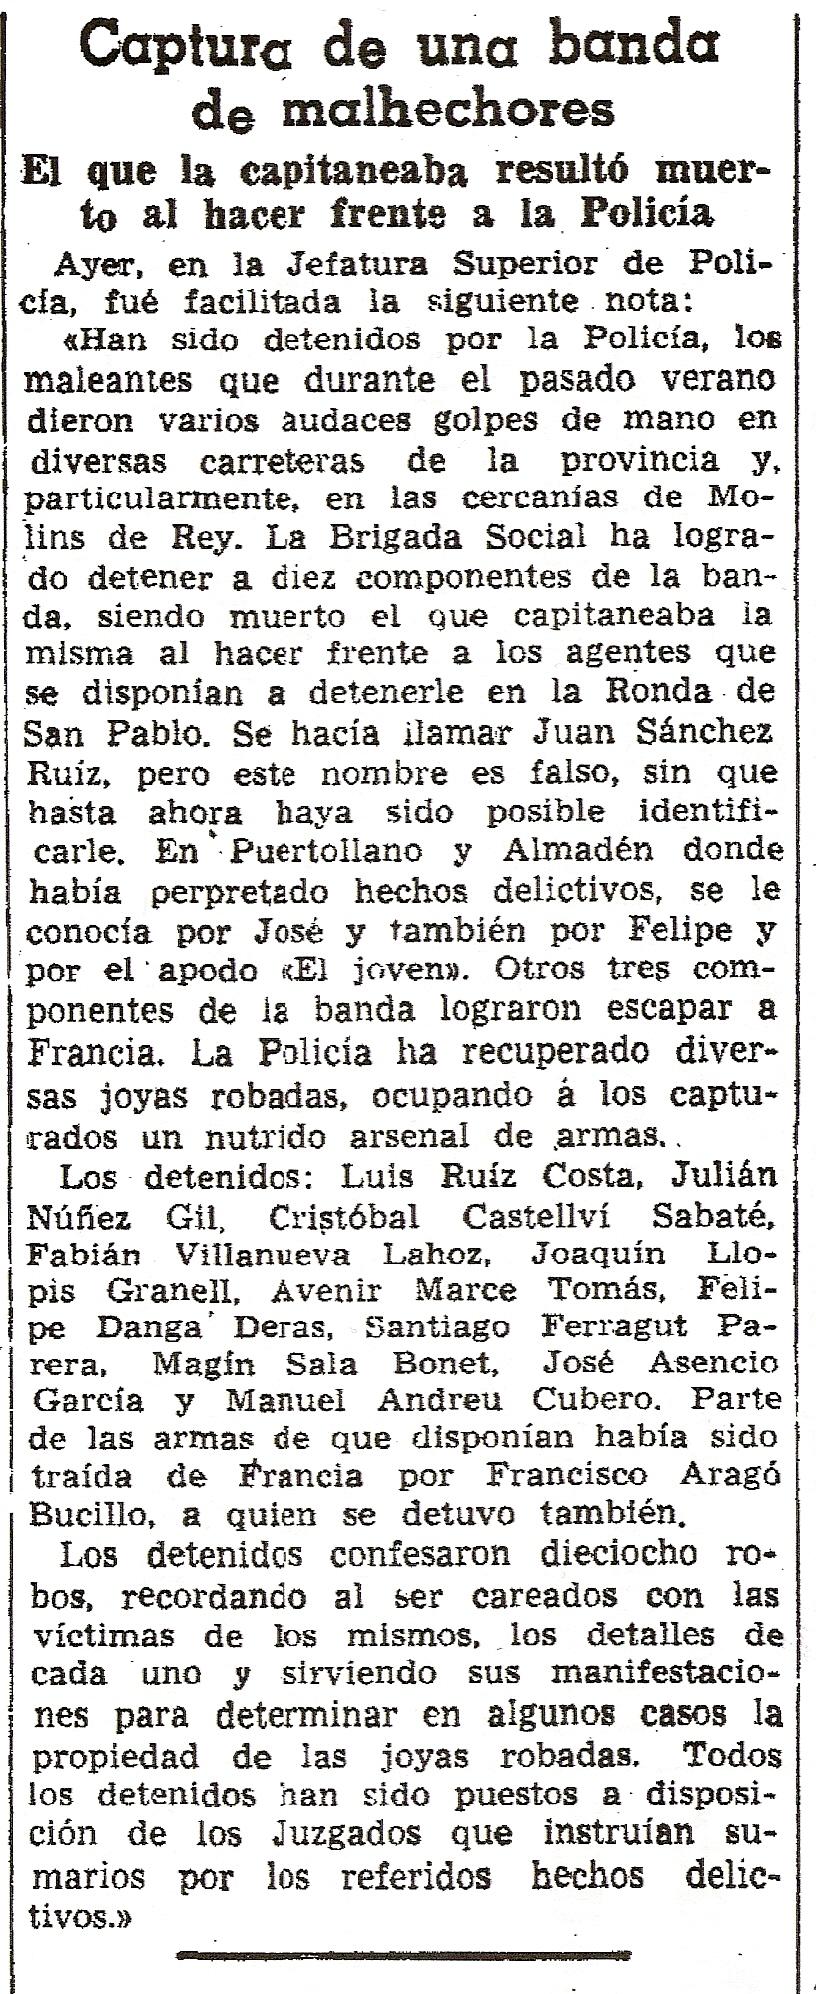 La Vanguardia. 1 de octubre de 1947.